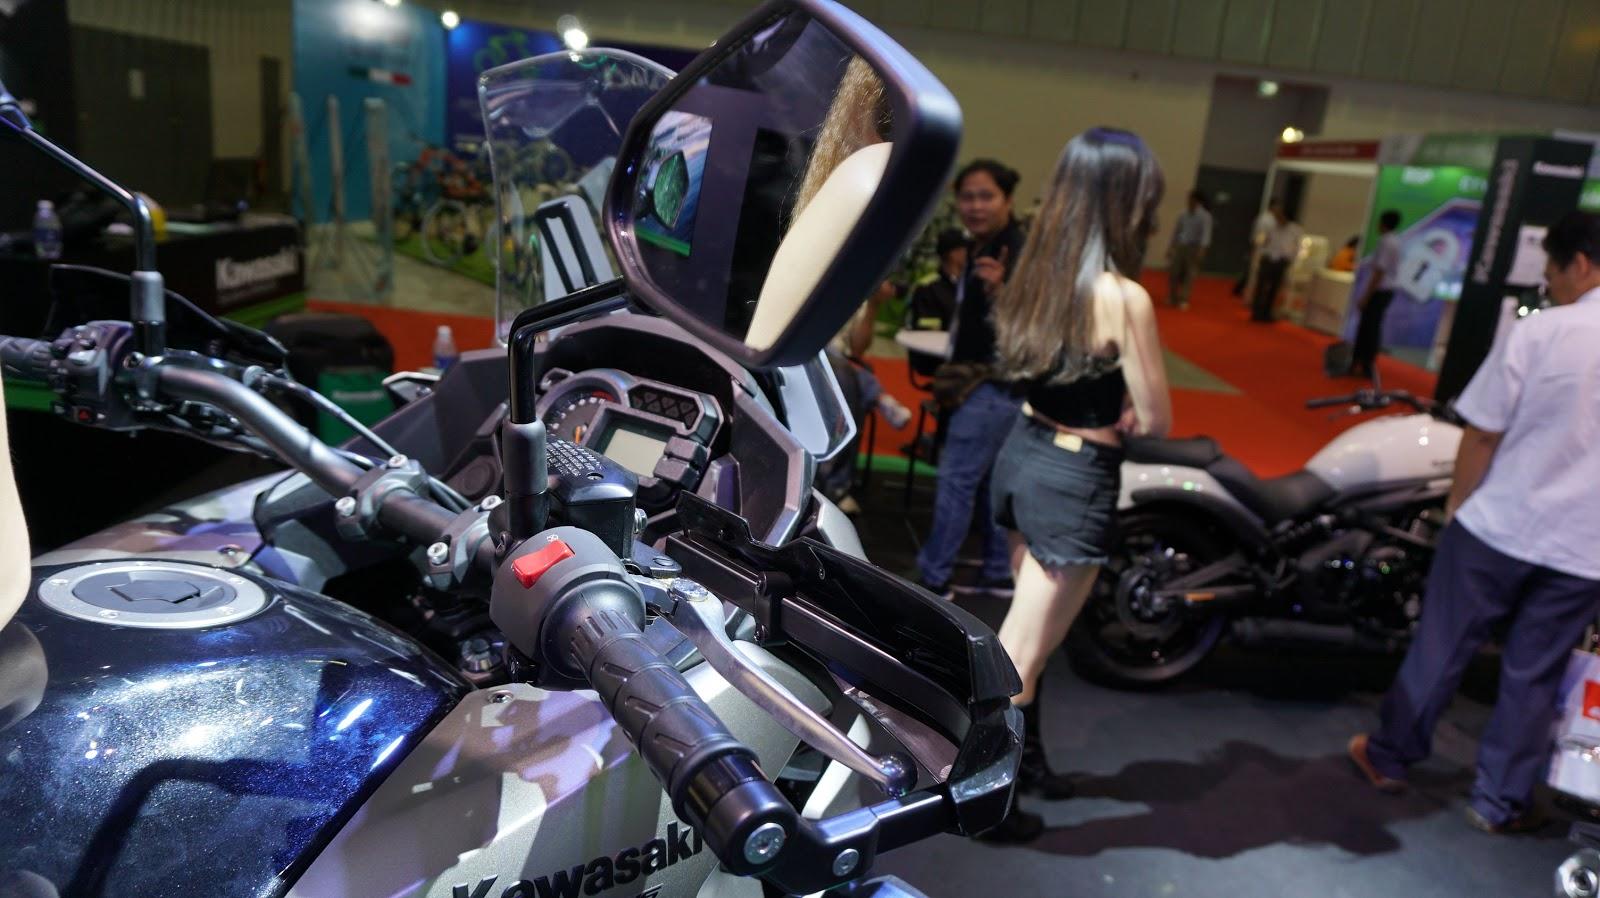 Cận cảnh siêu xe Kawasaki Versys 1000 tại VMS 2016